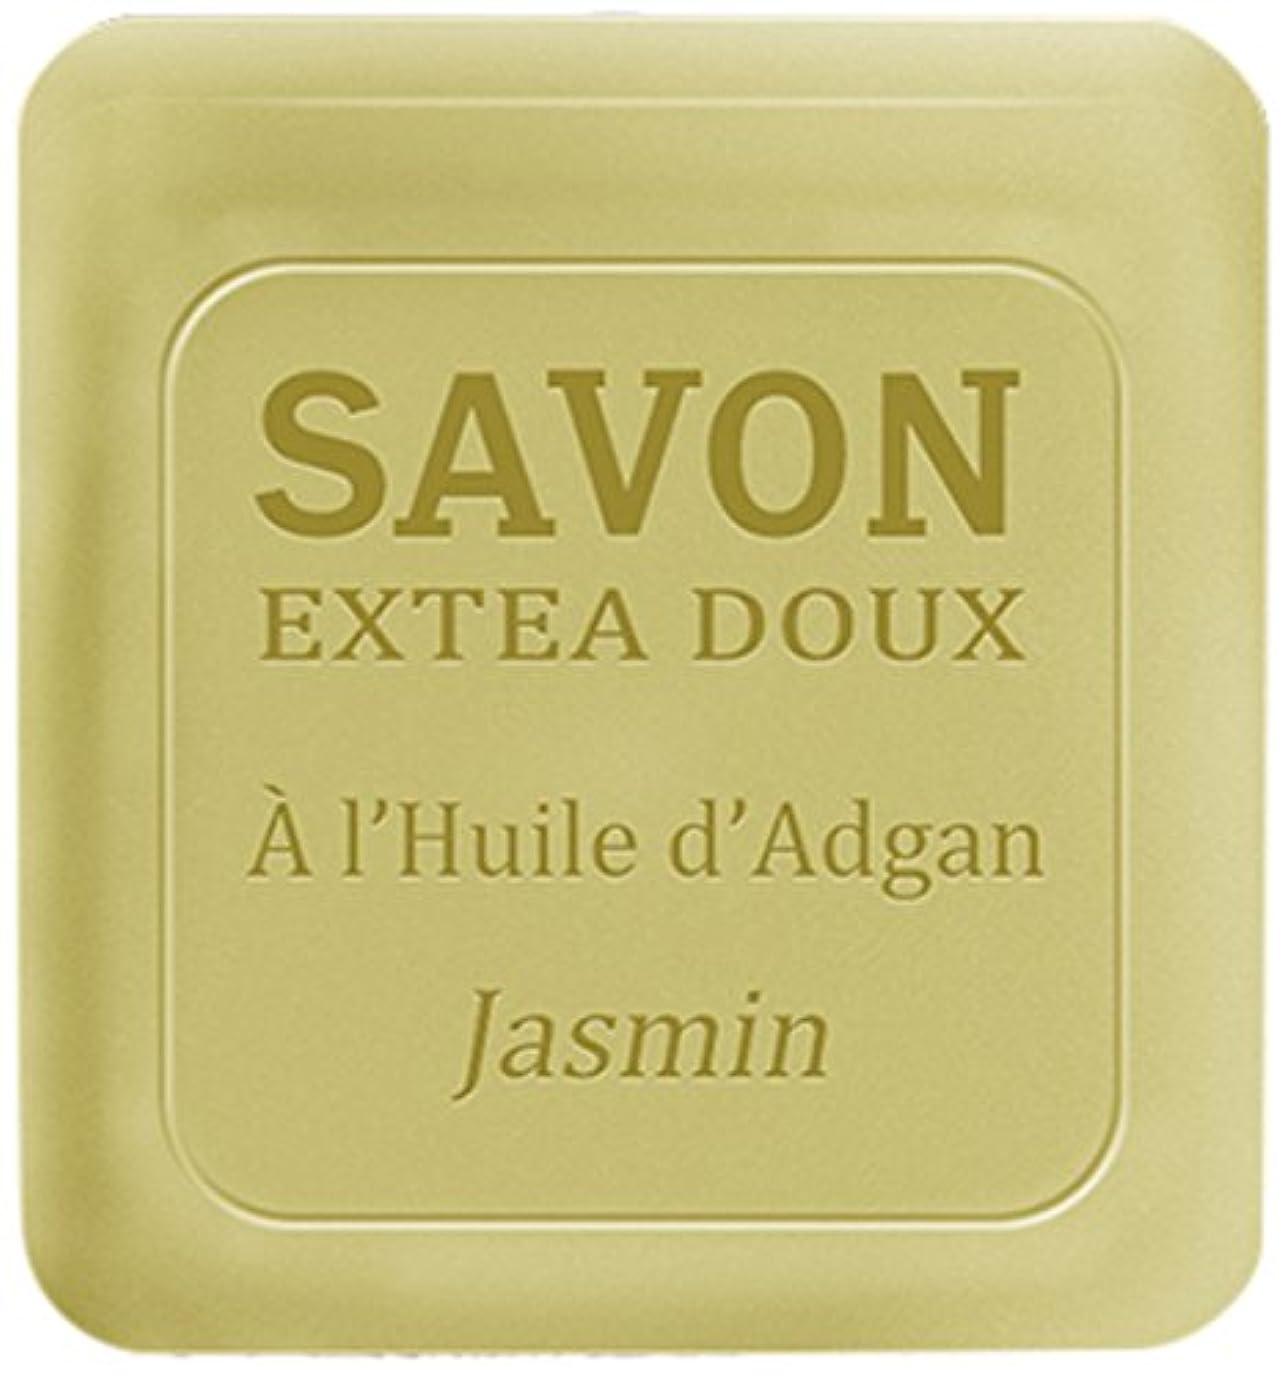 Plantes&Parfums [プランツ&パルファム] アルガンオイルソープ100g ジャスミン